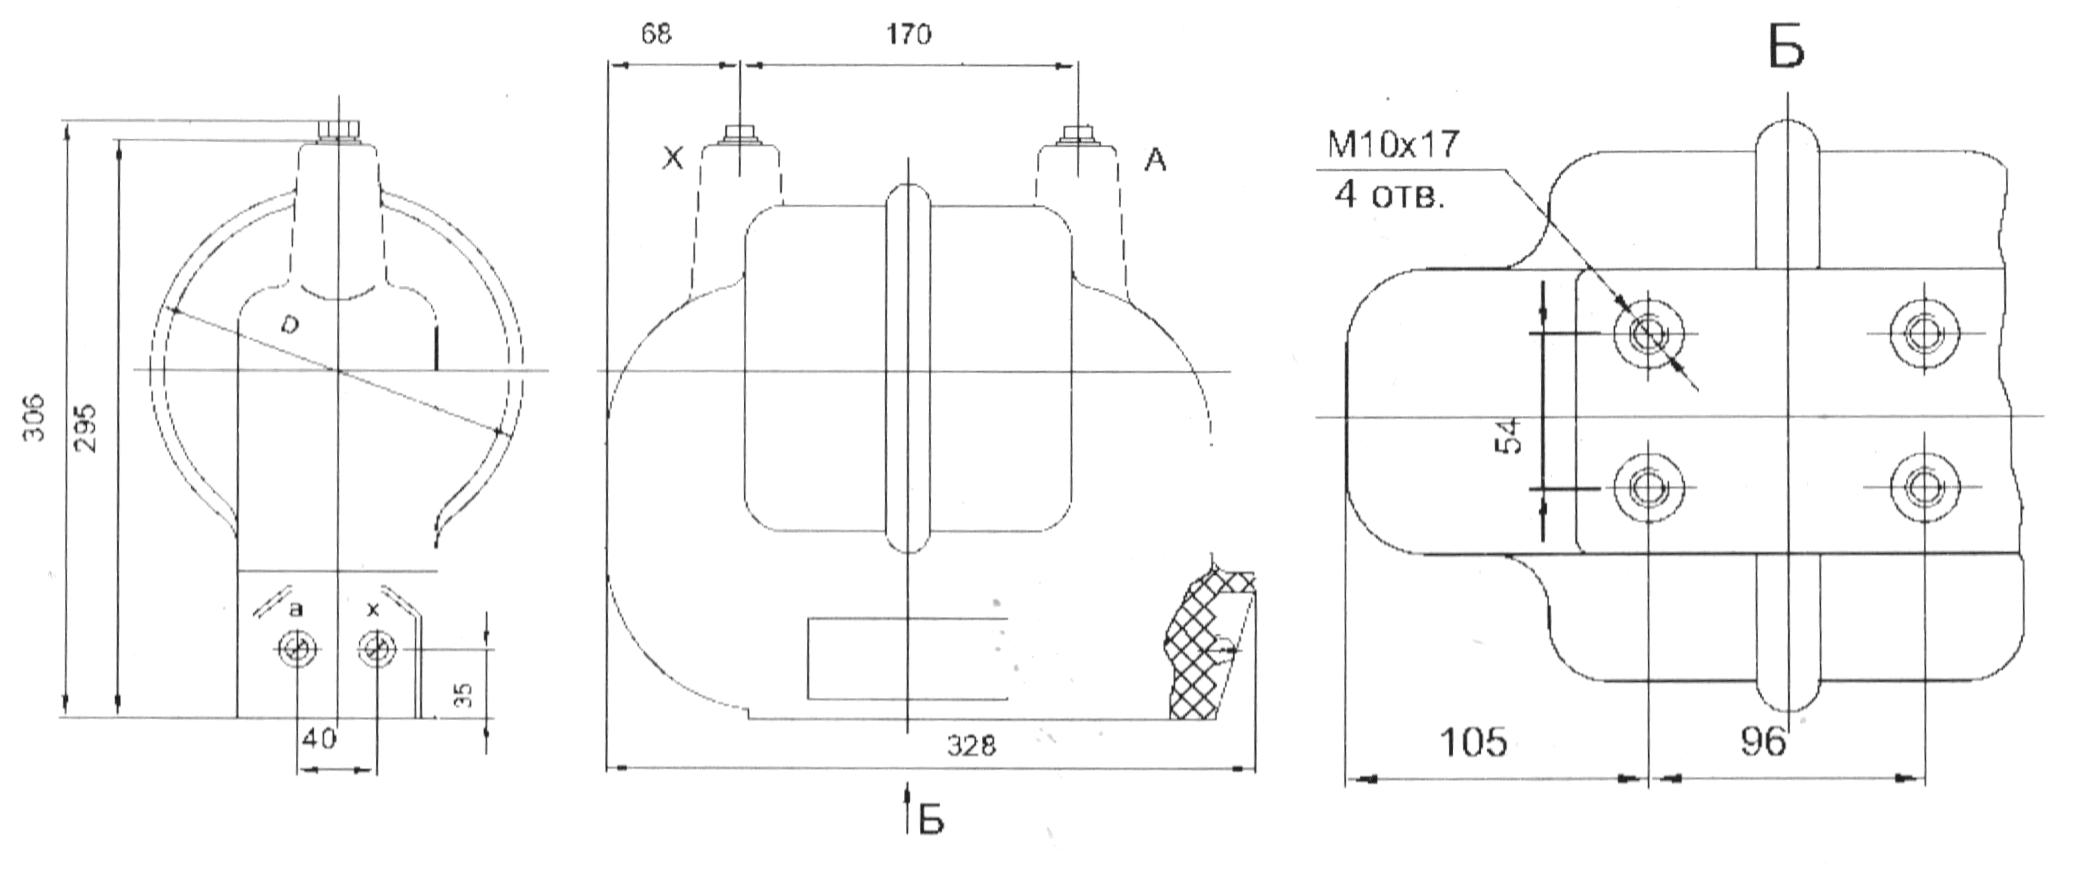 Однофазный трансформатор напряжения с литой изоляцией типа НОЛ.0.8.- габаритные и присоединительные размеры (чертеж)